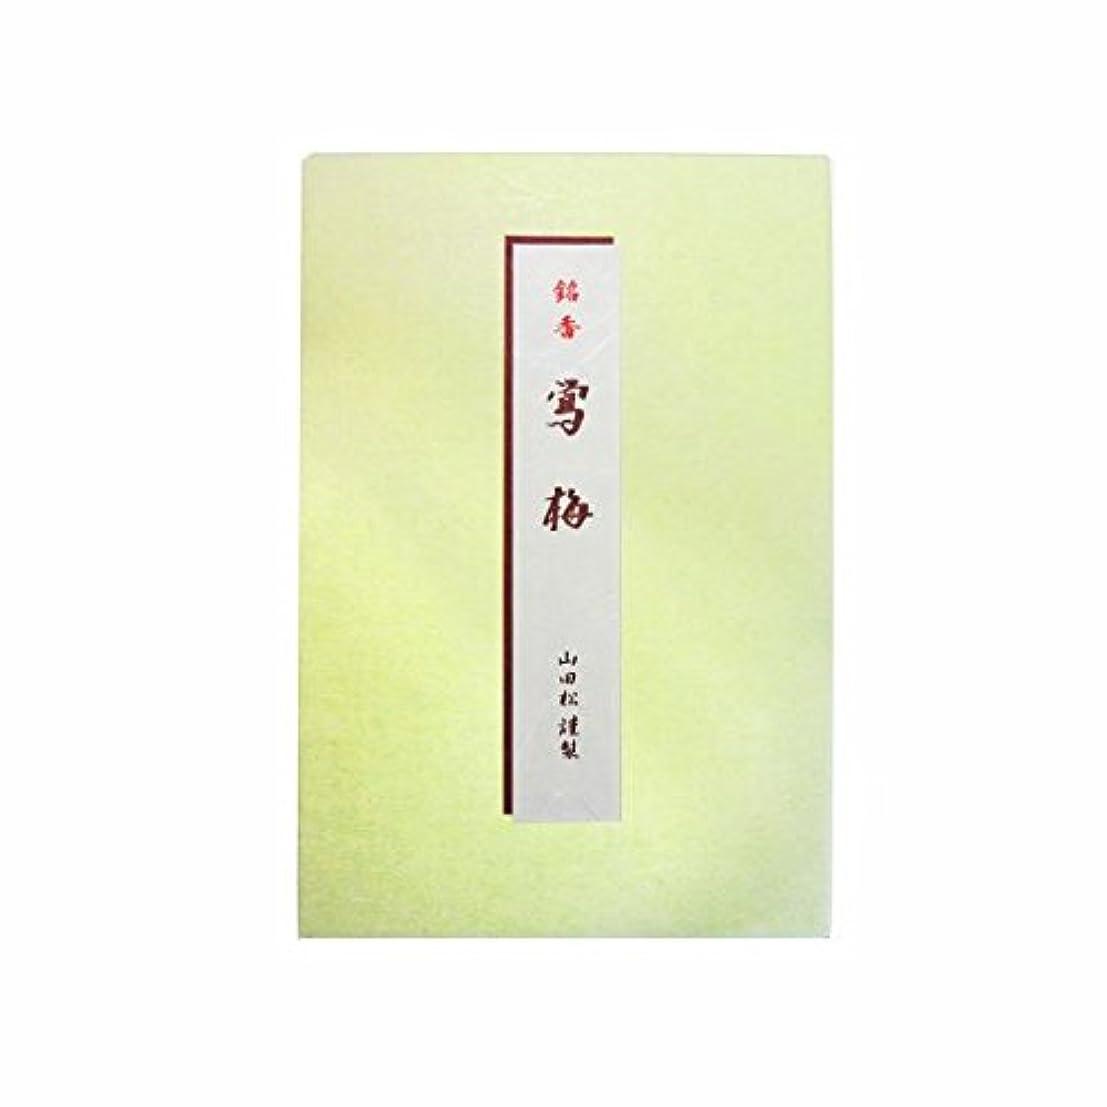 歪める折タヒチ鴬梅 短寸 バラ詰